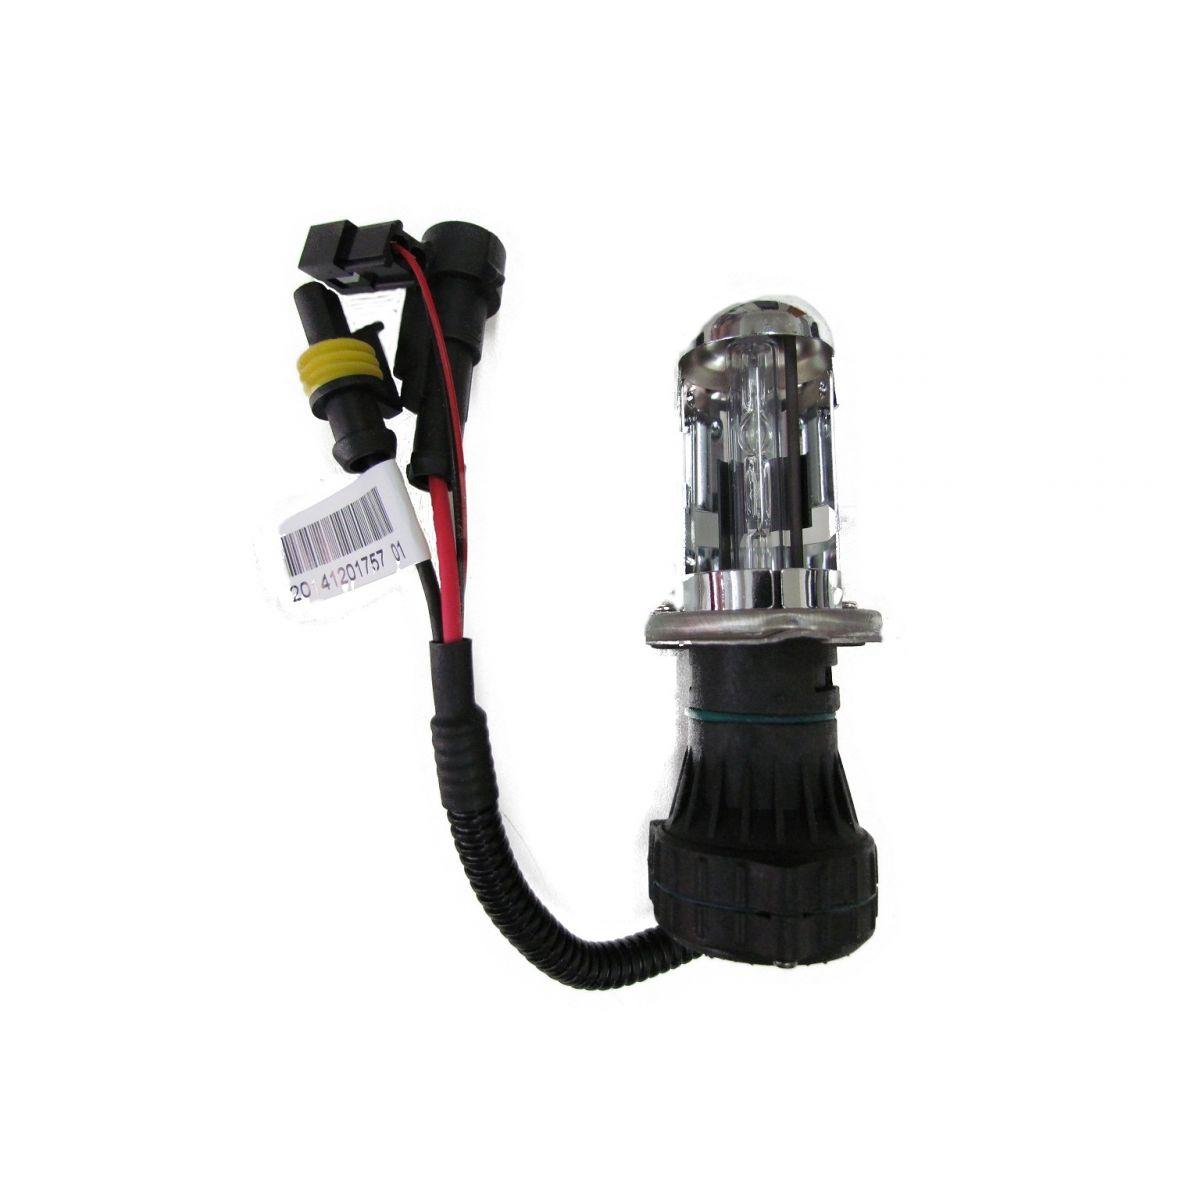 Kit BI-Xenon 24v H4-3 4300k